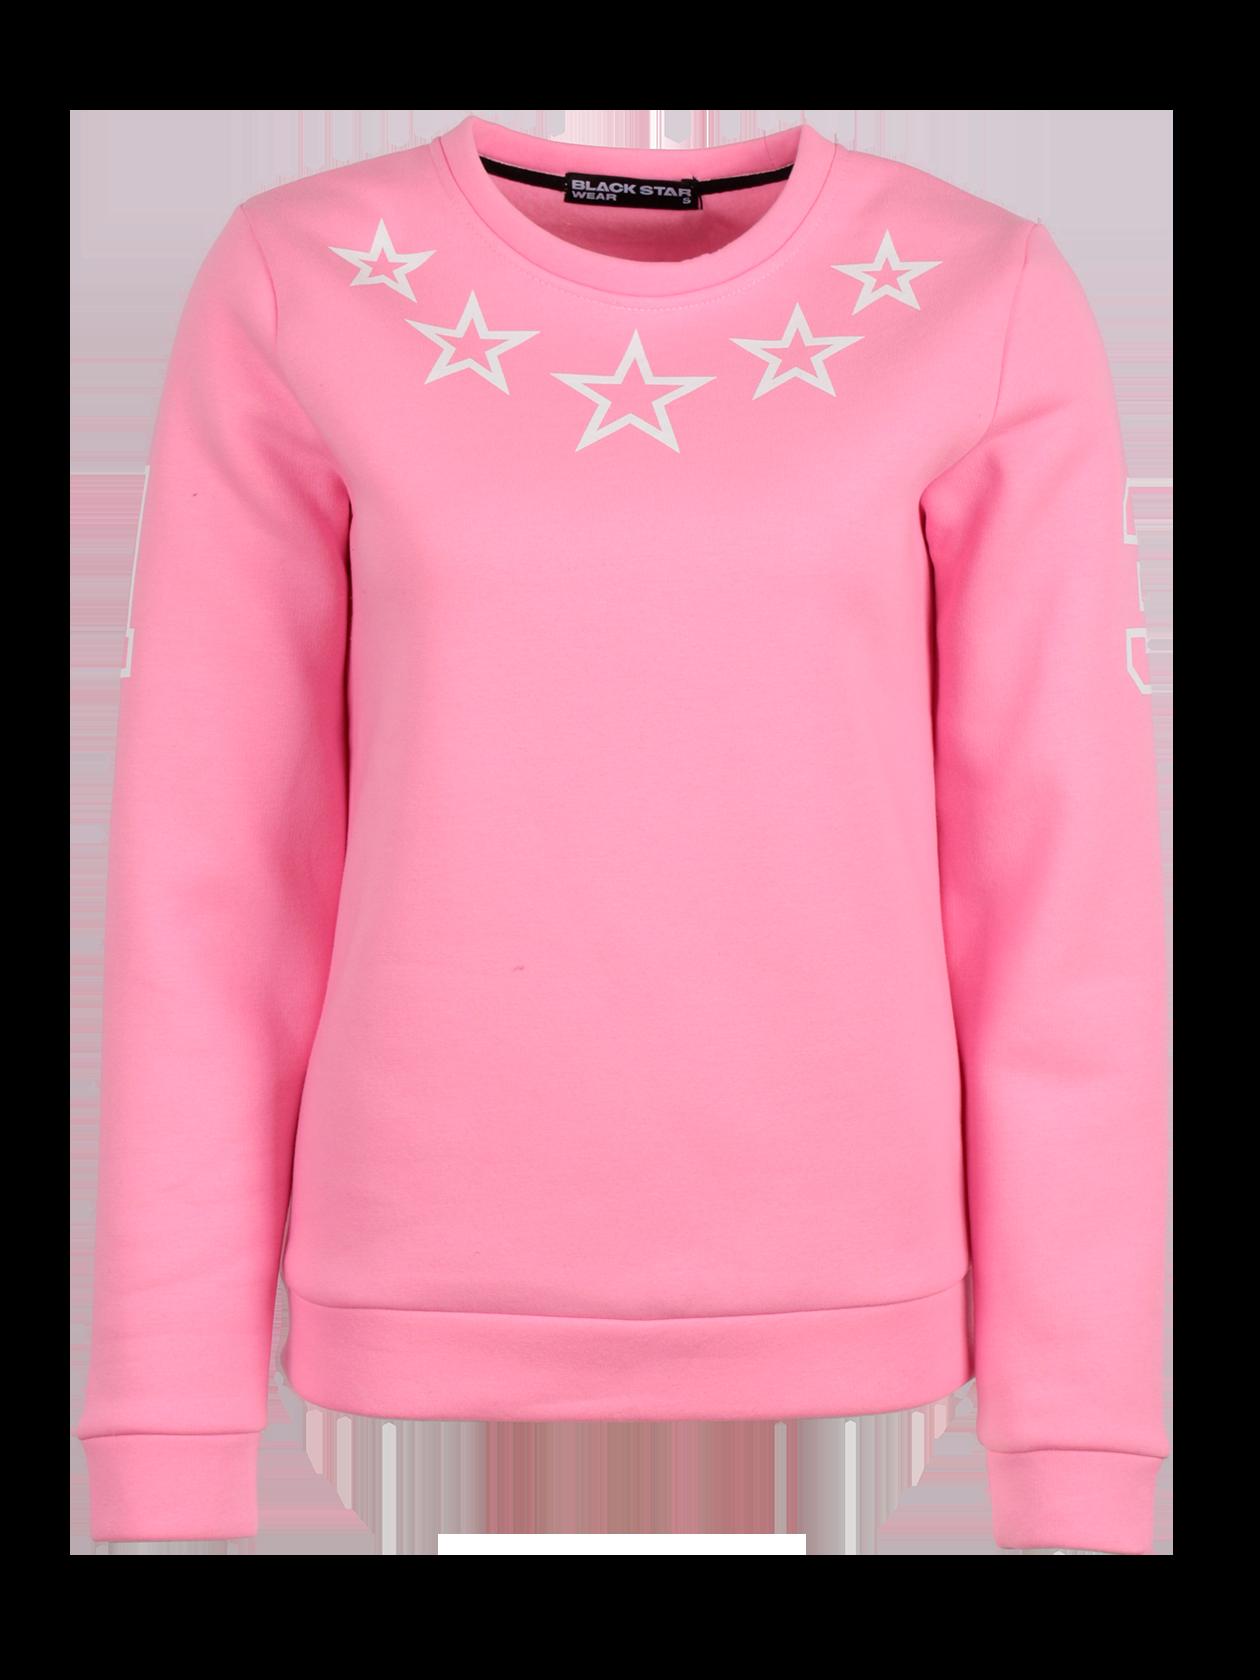 Толстовка женская STARSТолстовка женская из коллекции Black Star Wear. Прямой крой, округлая горловина, манжеты и нижний край не эластичные. Принт с изображением звёзд на груди, цифра 1 на правом рукаве и 3 на левом. Материал изделия: бленд натурального хлопка. Модель доступна в коралловом, белом, зелёном и сером цветах.<br><br>Размер: L<br>Цвет: Коралловый<br>Пол: Женский